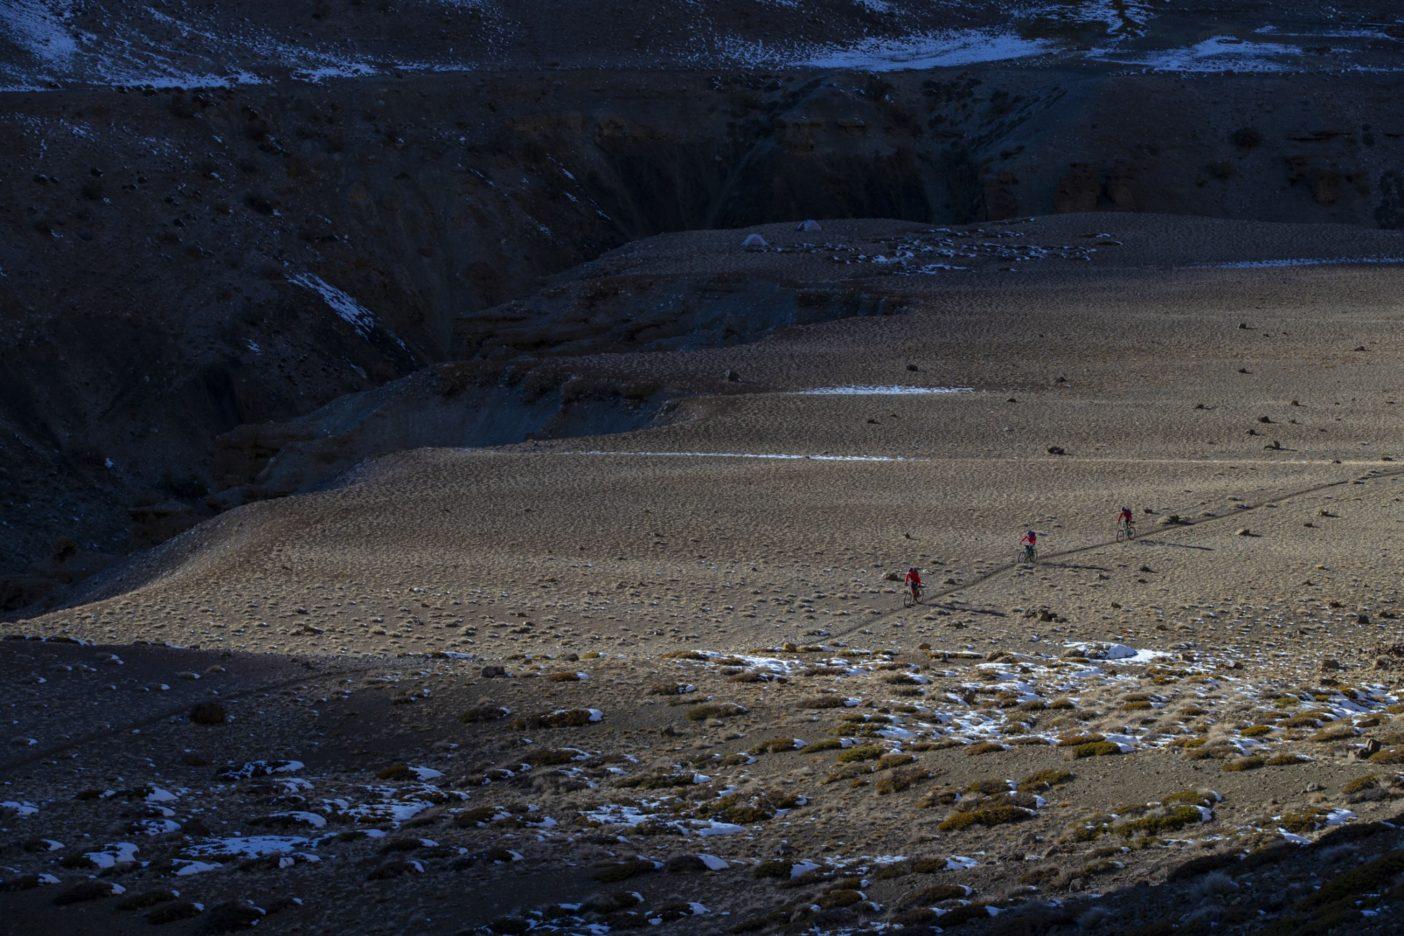 氷点下11度の中で6日目を迎え、その日はまず恐ろしい露出部を数か所通過した。旧サトク村の廃墟を過ぎ、次の難所である8キロ先の2つの鞍部からなる標高5,200メートルの峠を眺められる高台に向けペダルを踏んだ。 前日に標高4,300メートルの峠に2つ登っており、次の食糧投下まで許容できる行程の遅れはもうギリギリだった。危険を冒すよりも、計画を中止し、轍をたどって道路に戻ろうと決断した。賢明で安全な選択と分かってはいても、ザンスカールの古道巡りを夢見て計画に費やしたこの数か月間を棄てることは、悲喜こもごもであった。ライダー:カーストン・オリバー、ニコール・ベイカー、エリック・ポーター 写真 : メアリー・マッキンタイア